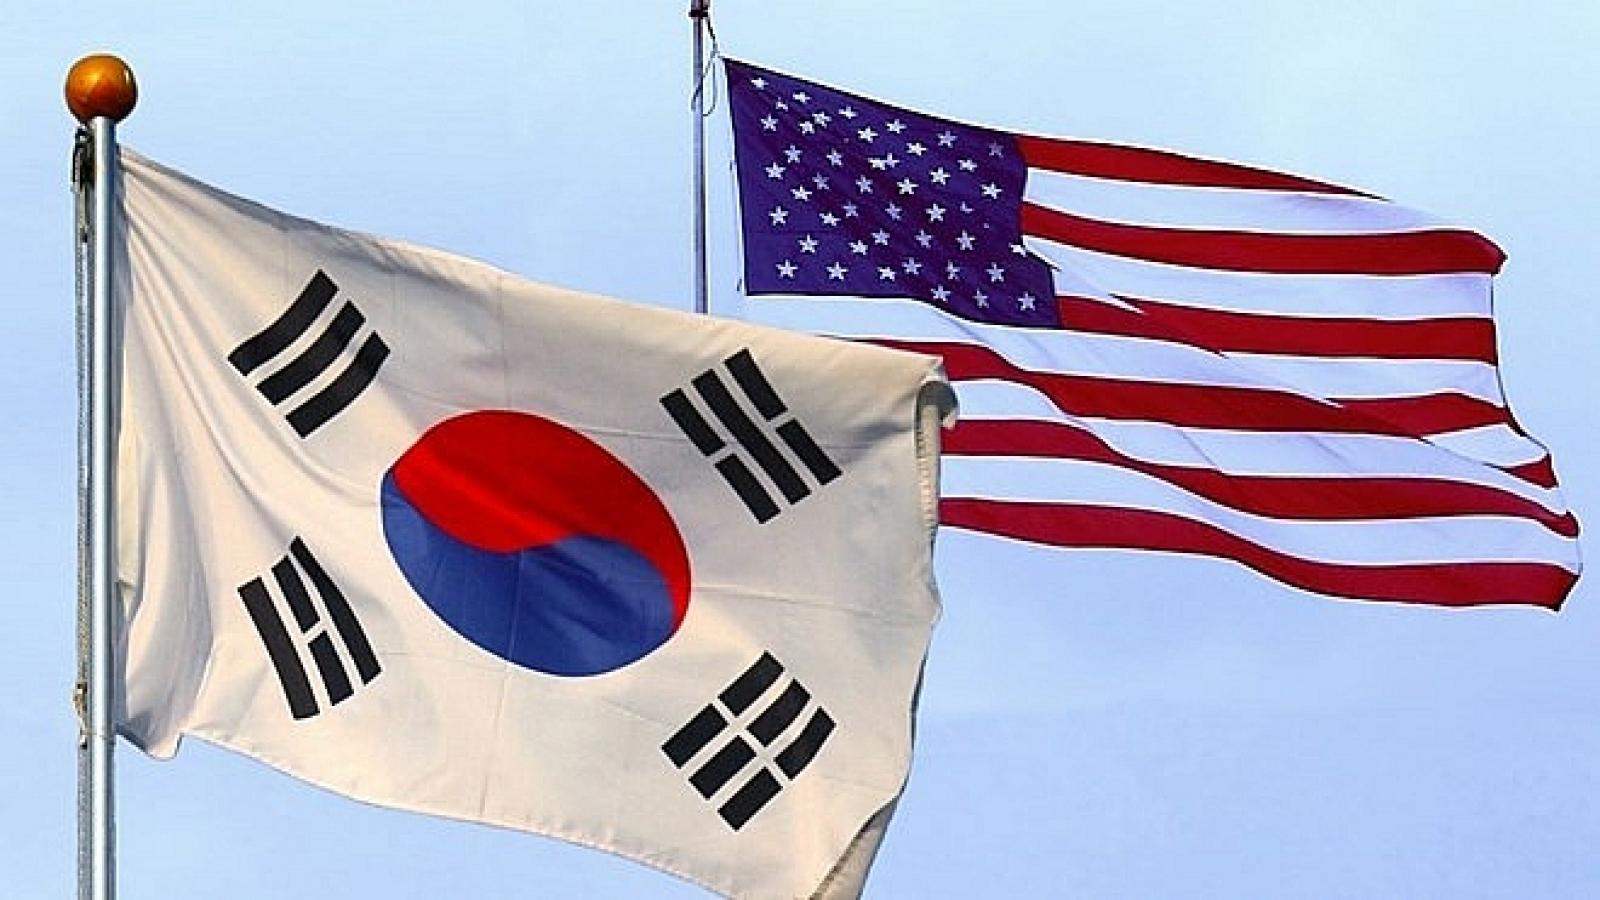 Mỹ và Hàn Quốc nhất trí tăng cường hợp tác chặt chẽ trên nhiều lĩnh vực